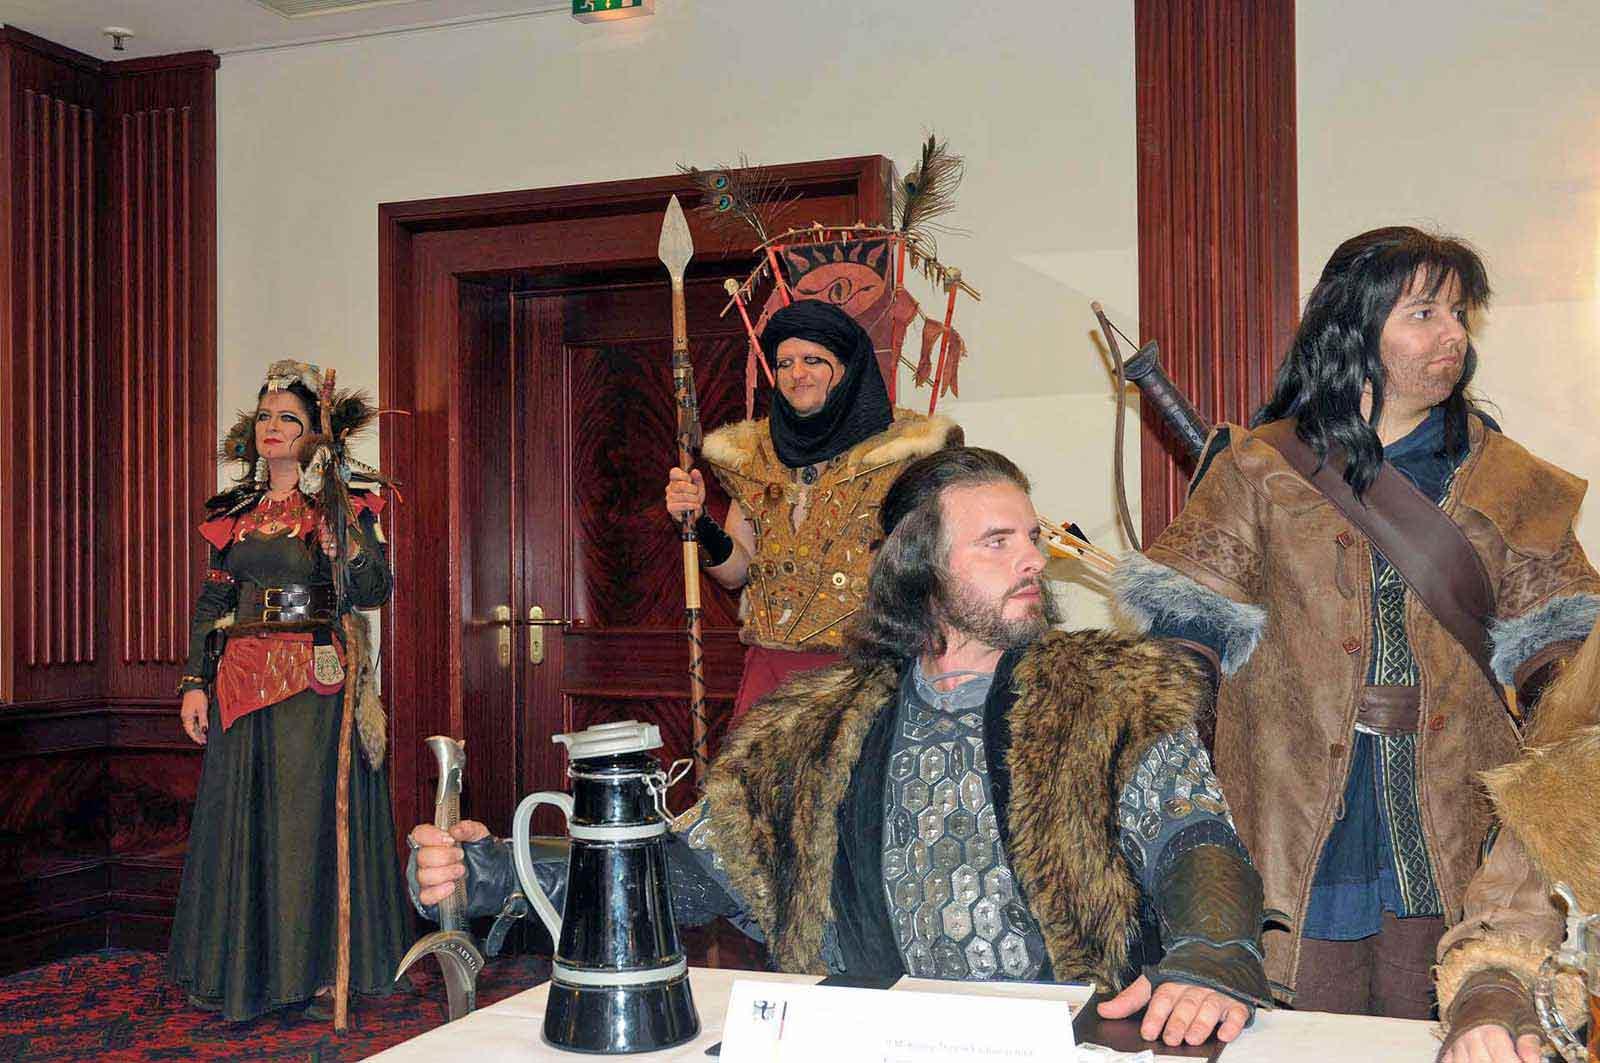 Konferenzszene im Maritim mit Thorin Eichenschild, Kili und Haradrim Security